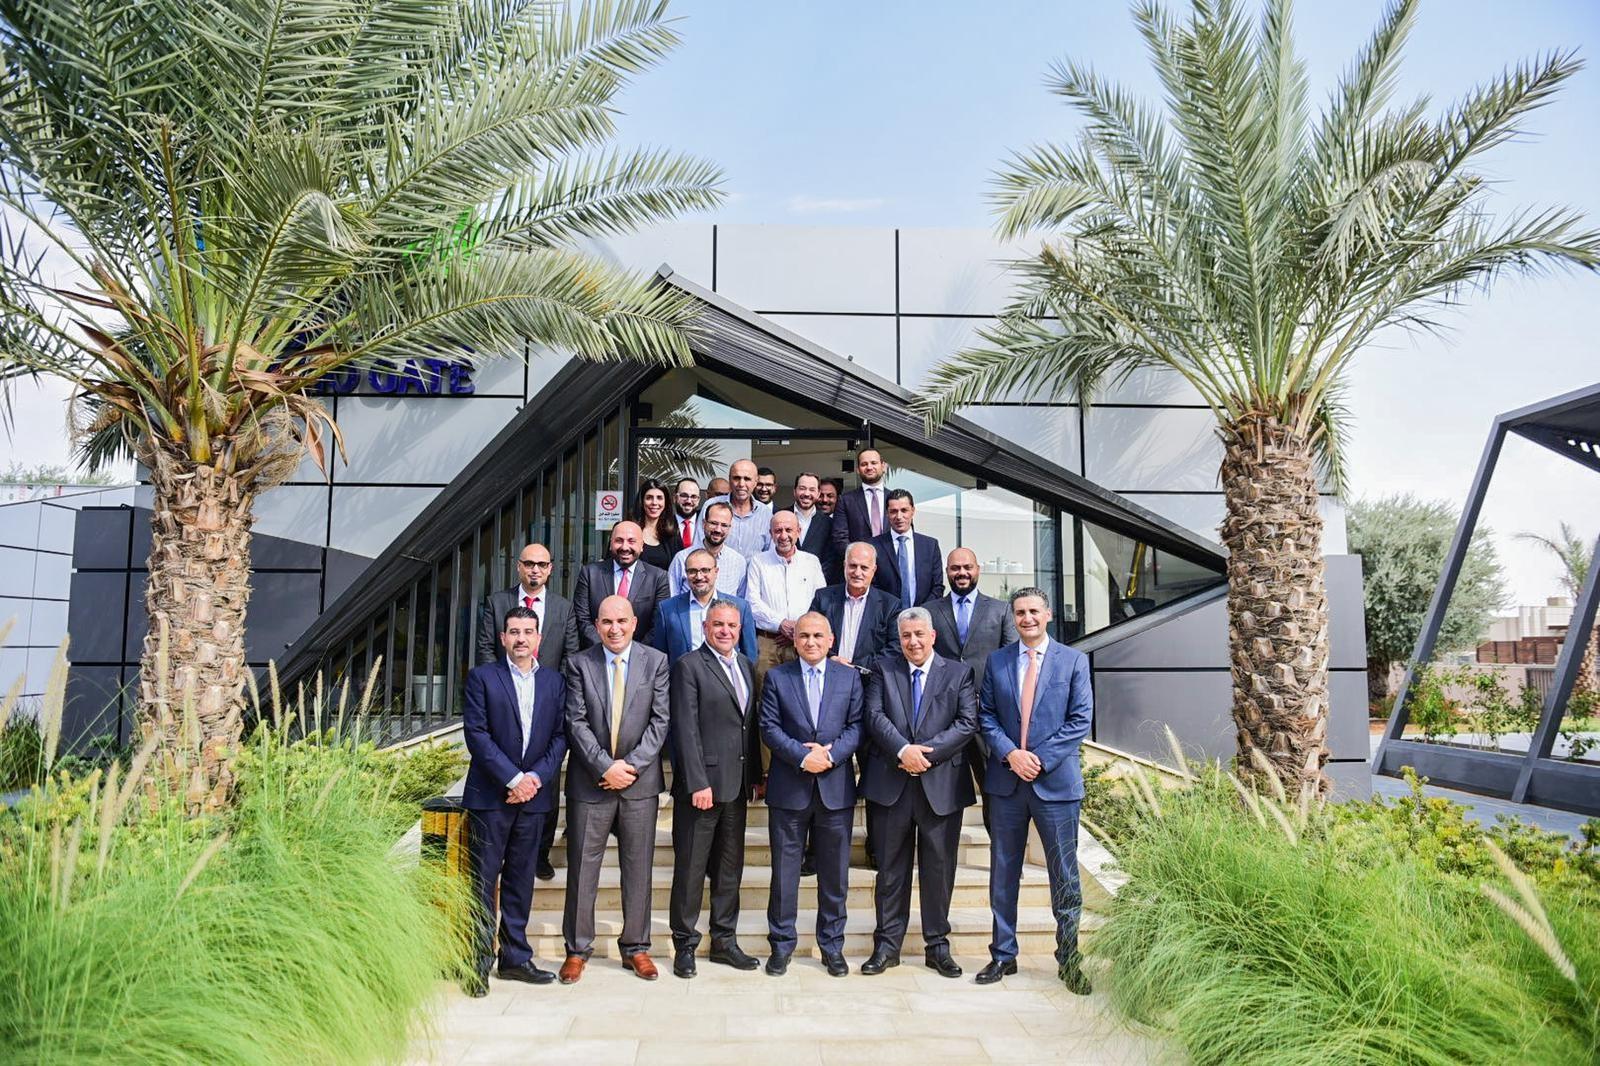 شركة بوابة أريحا وشركة الجابر للاستثمار توقعان إتفاقية لإنشاء أكبر مدينة مائية في فلسطين